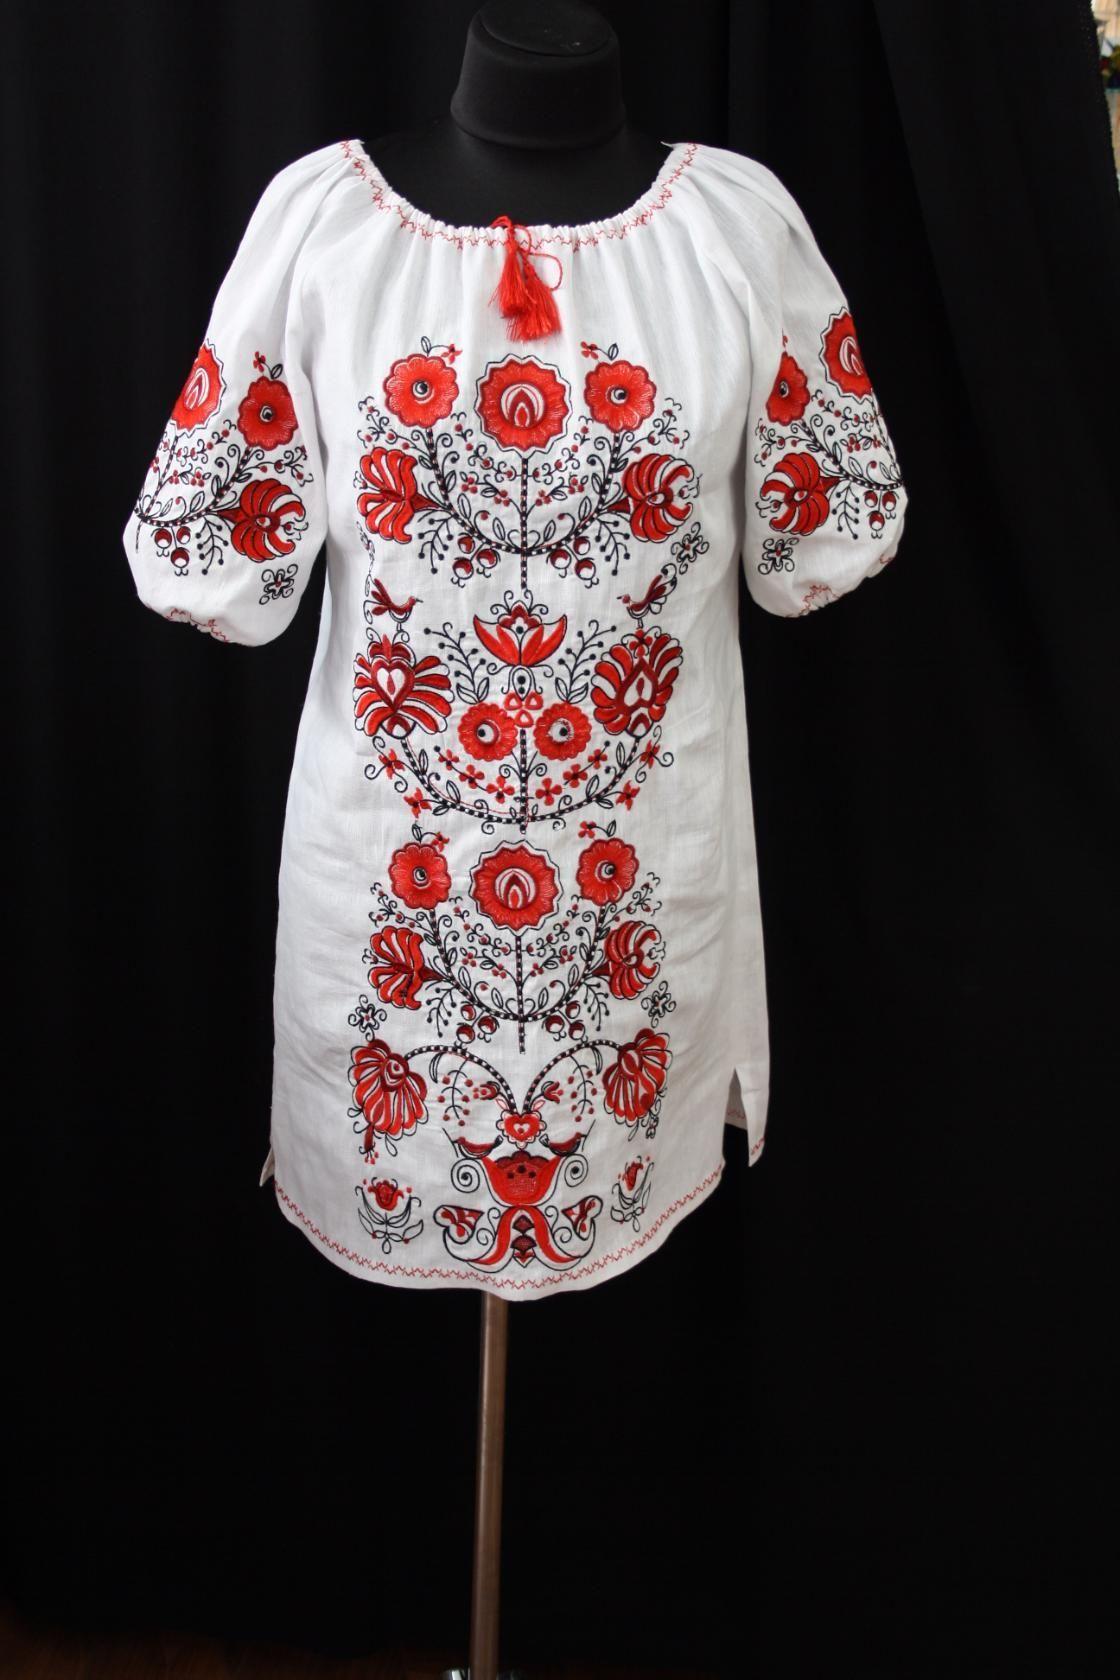 МИР - Мастерская интересных решений от Ната-Ха - Авторские темы - New embroidery